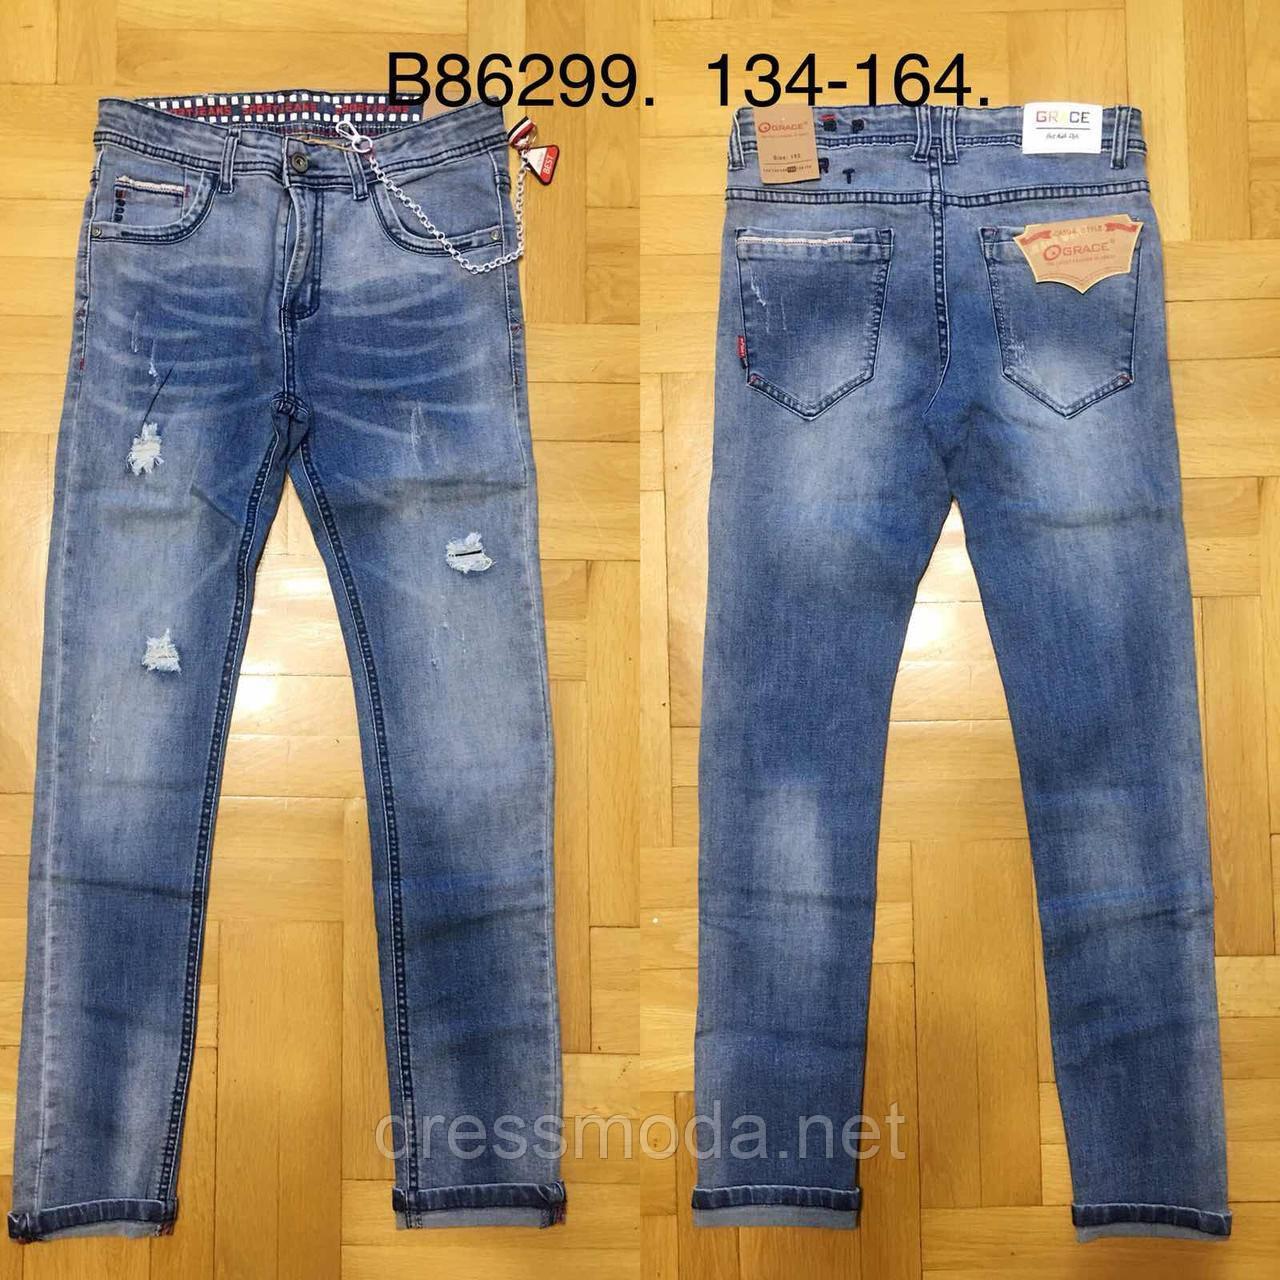 Джинсовые брюки для мальчиков Grace 134-164 p.p.